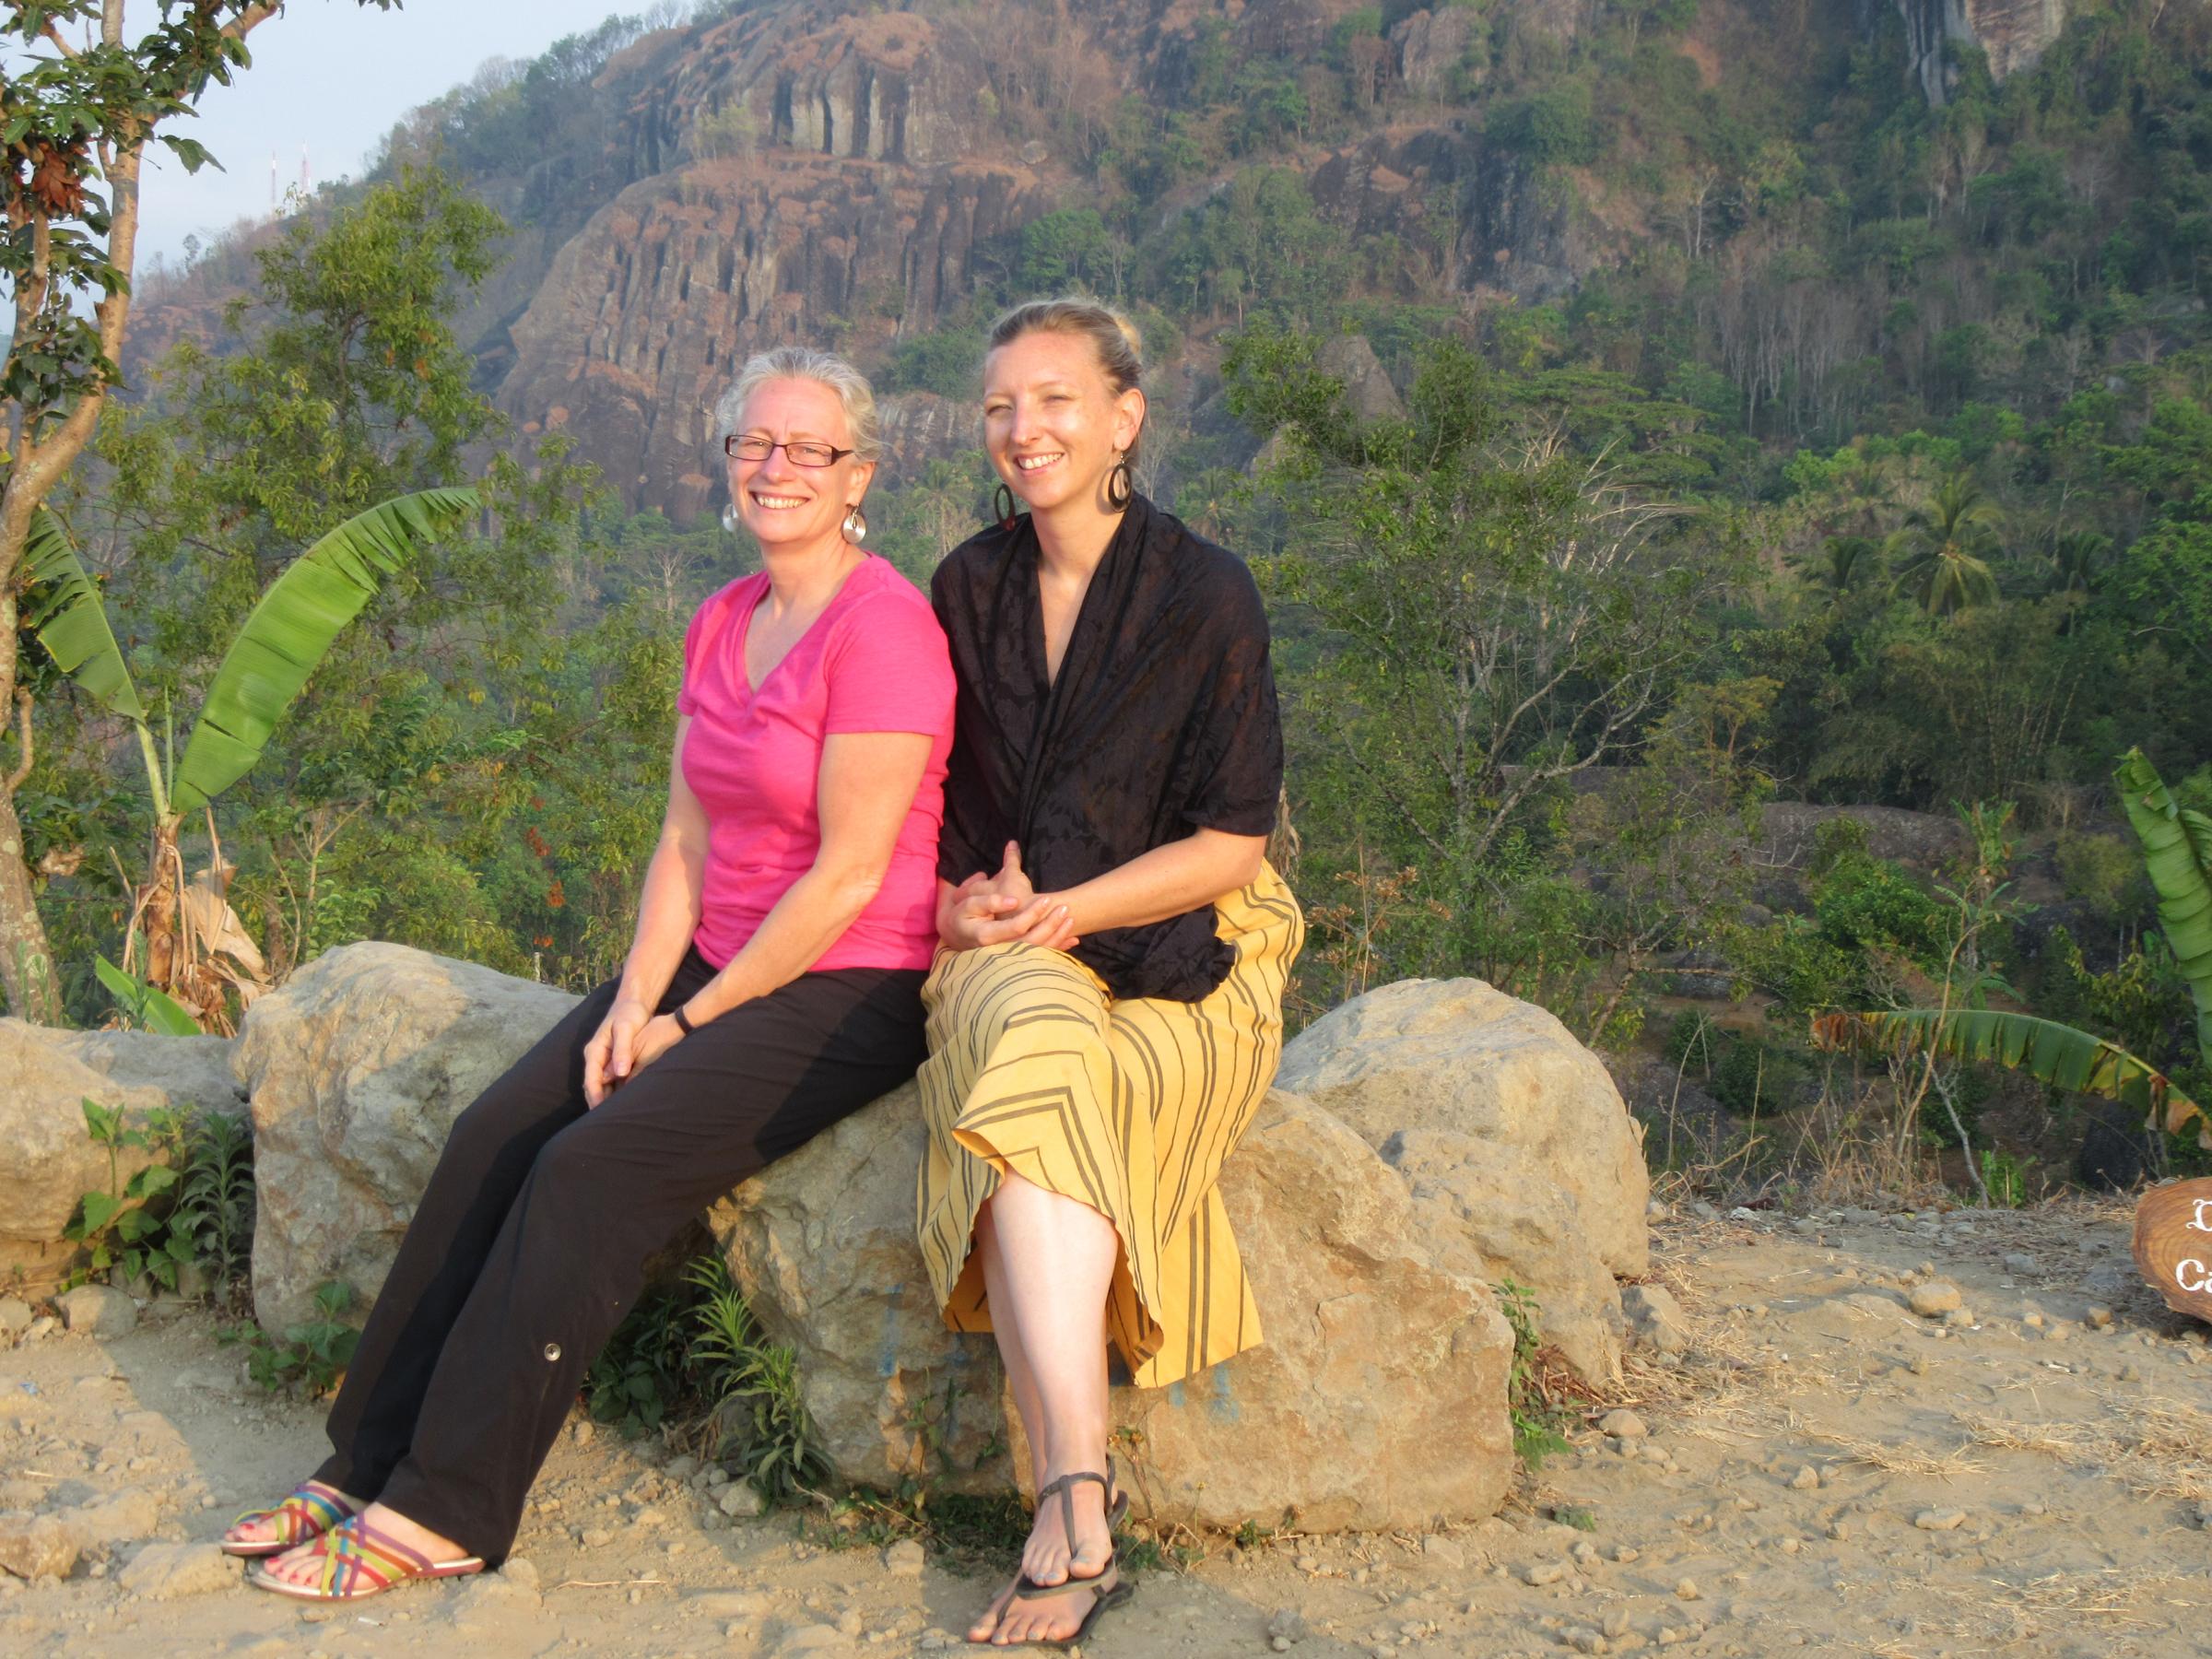 i_CMM & Deb in mountains.jpg